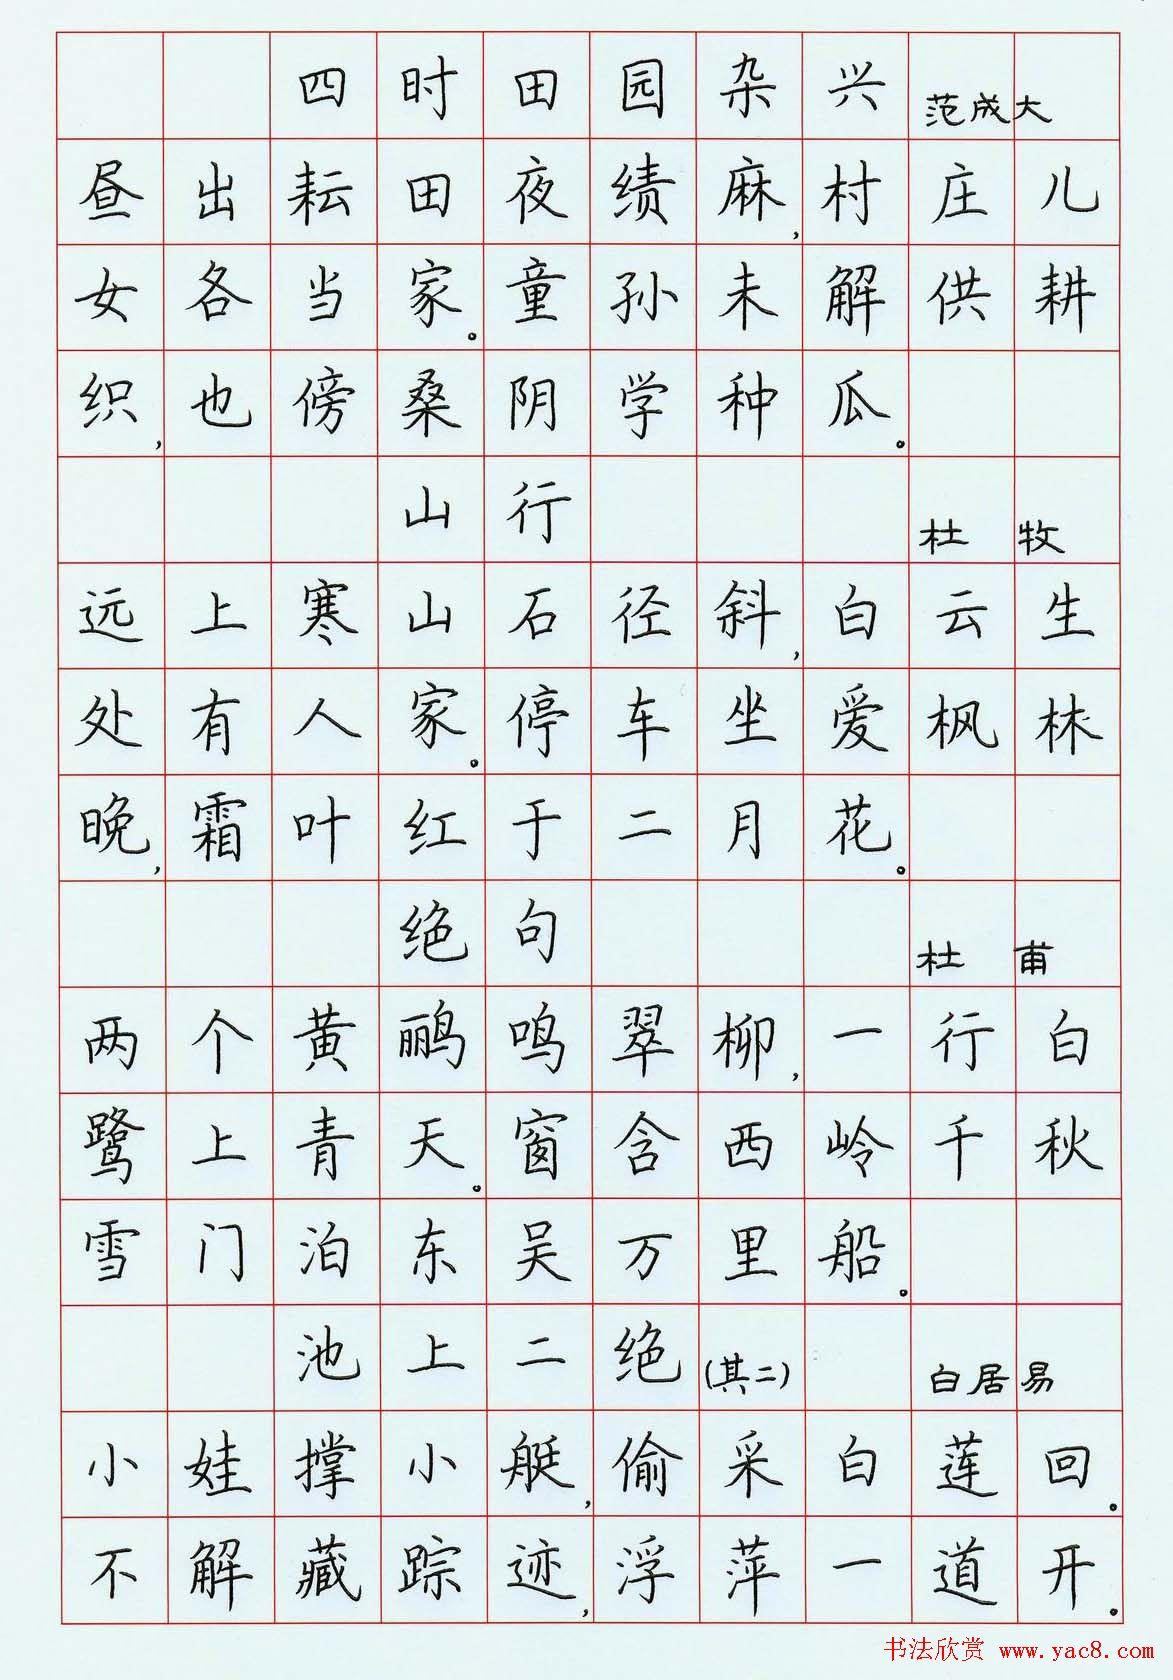 荆霄鹏硬笔书法作品《古诗选》图片